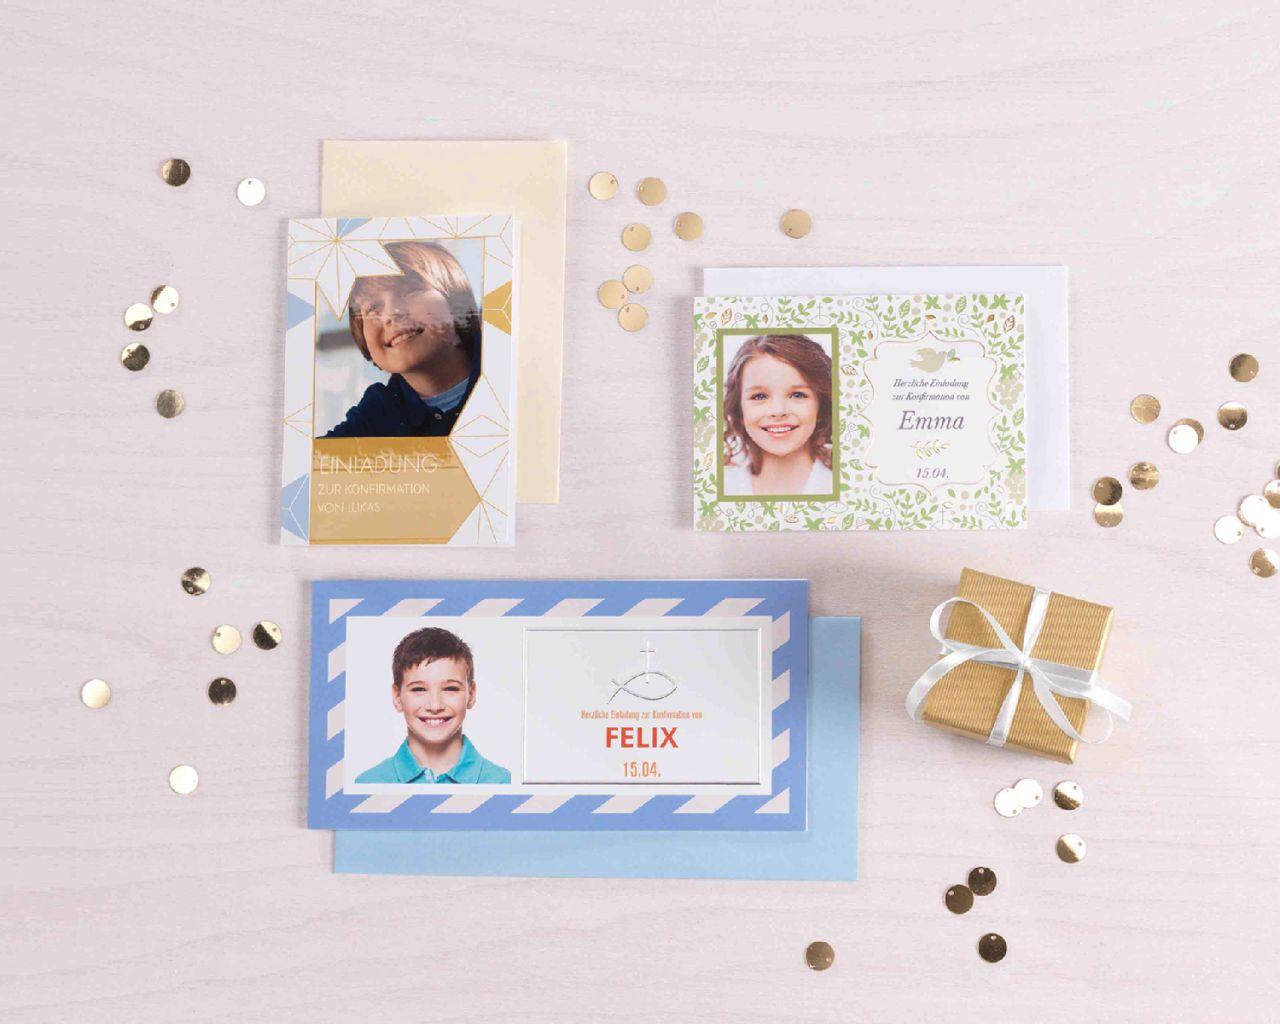 einladungskarten zur konfirmation gestalten mit foto | cewe